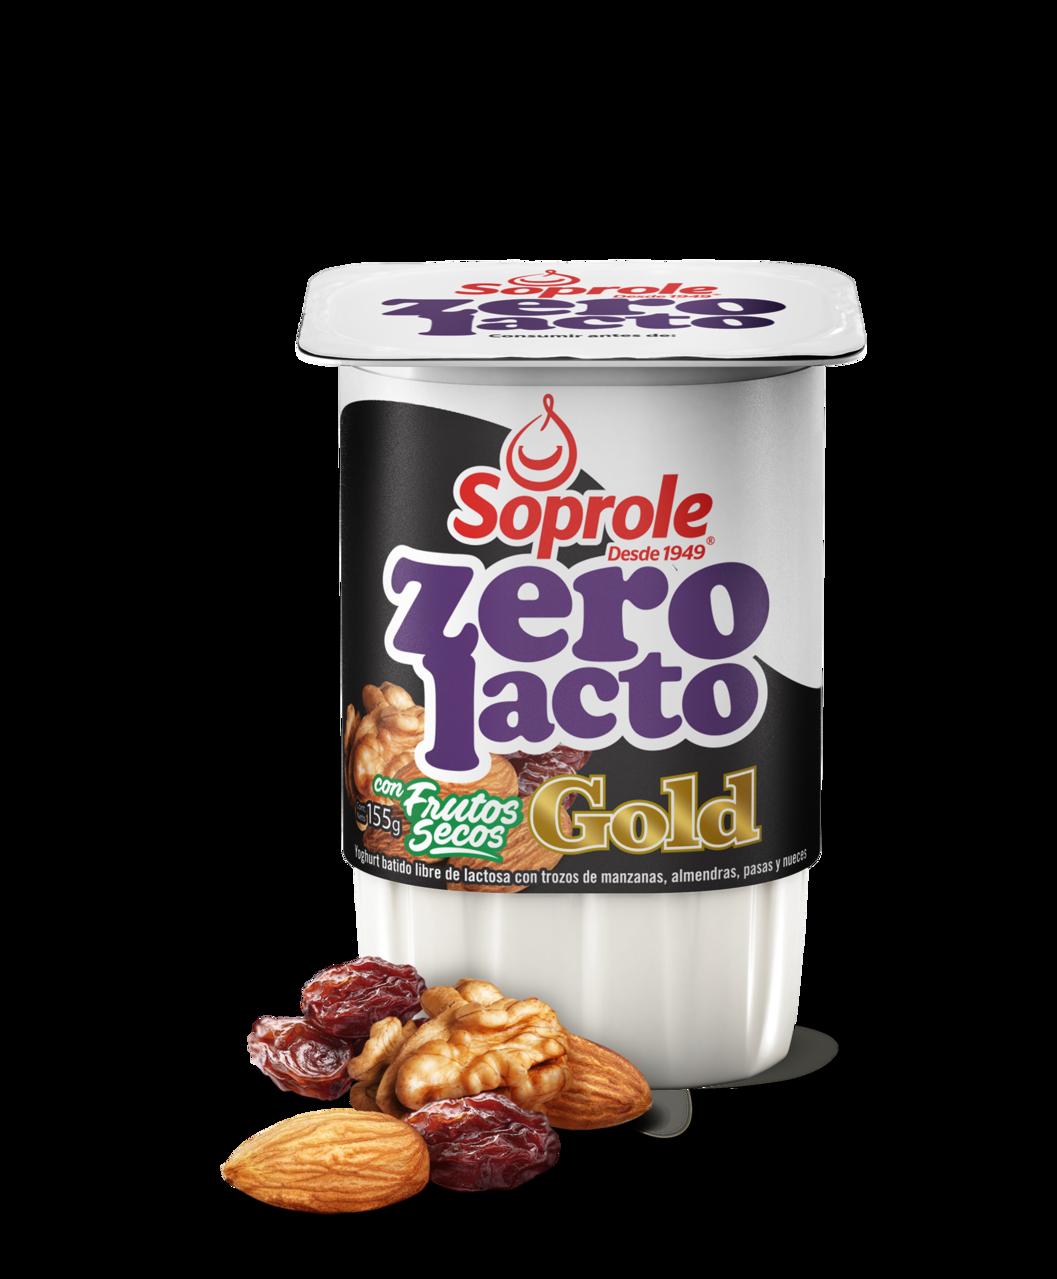 Soprole Zerolacto Gold Yoghurt Frutos Secos